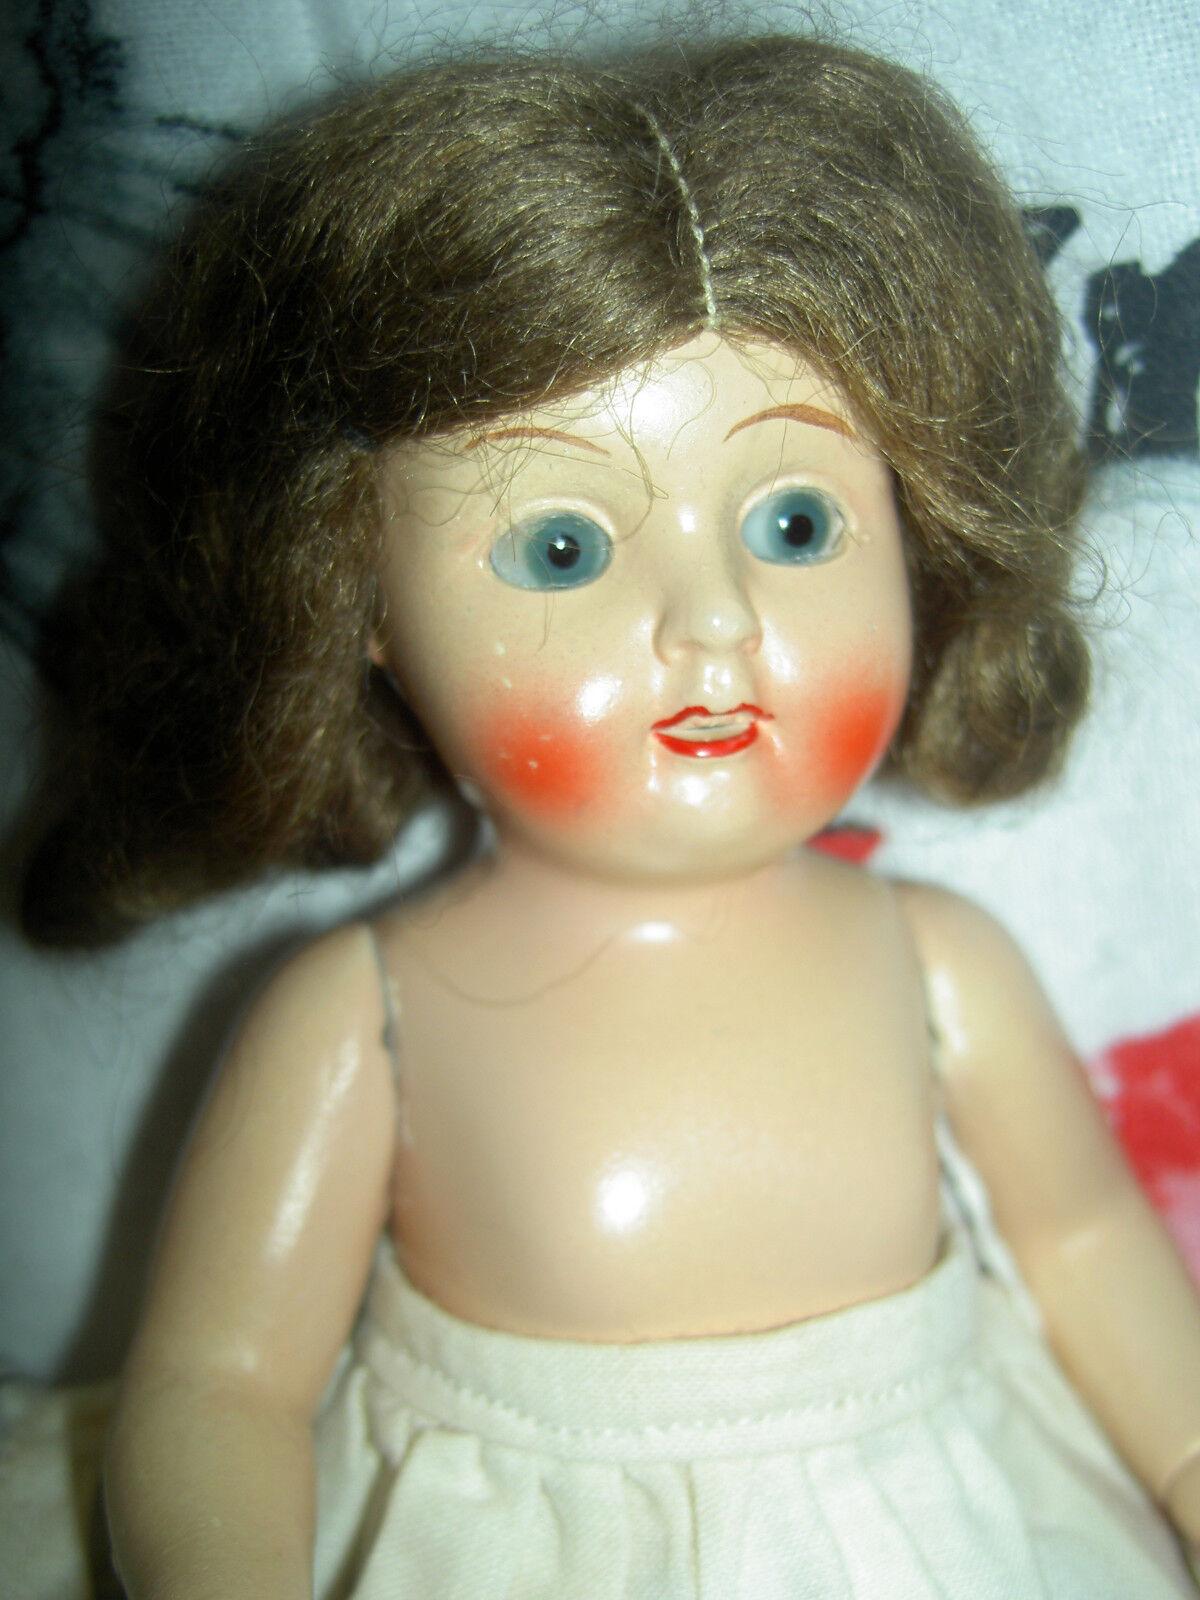 Sweet Antiguo Alemán Articulado todos Bisque Muñeca de casa de muñecas, los ojos de sueño, Peluca Original